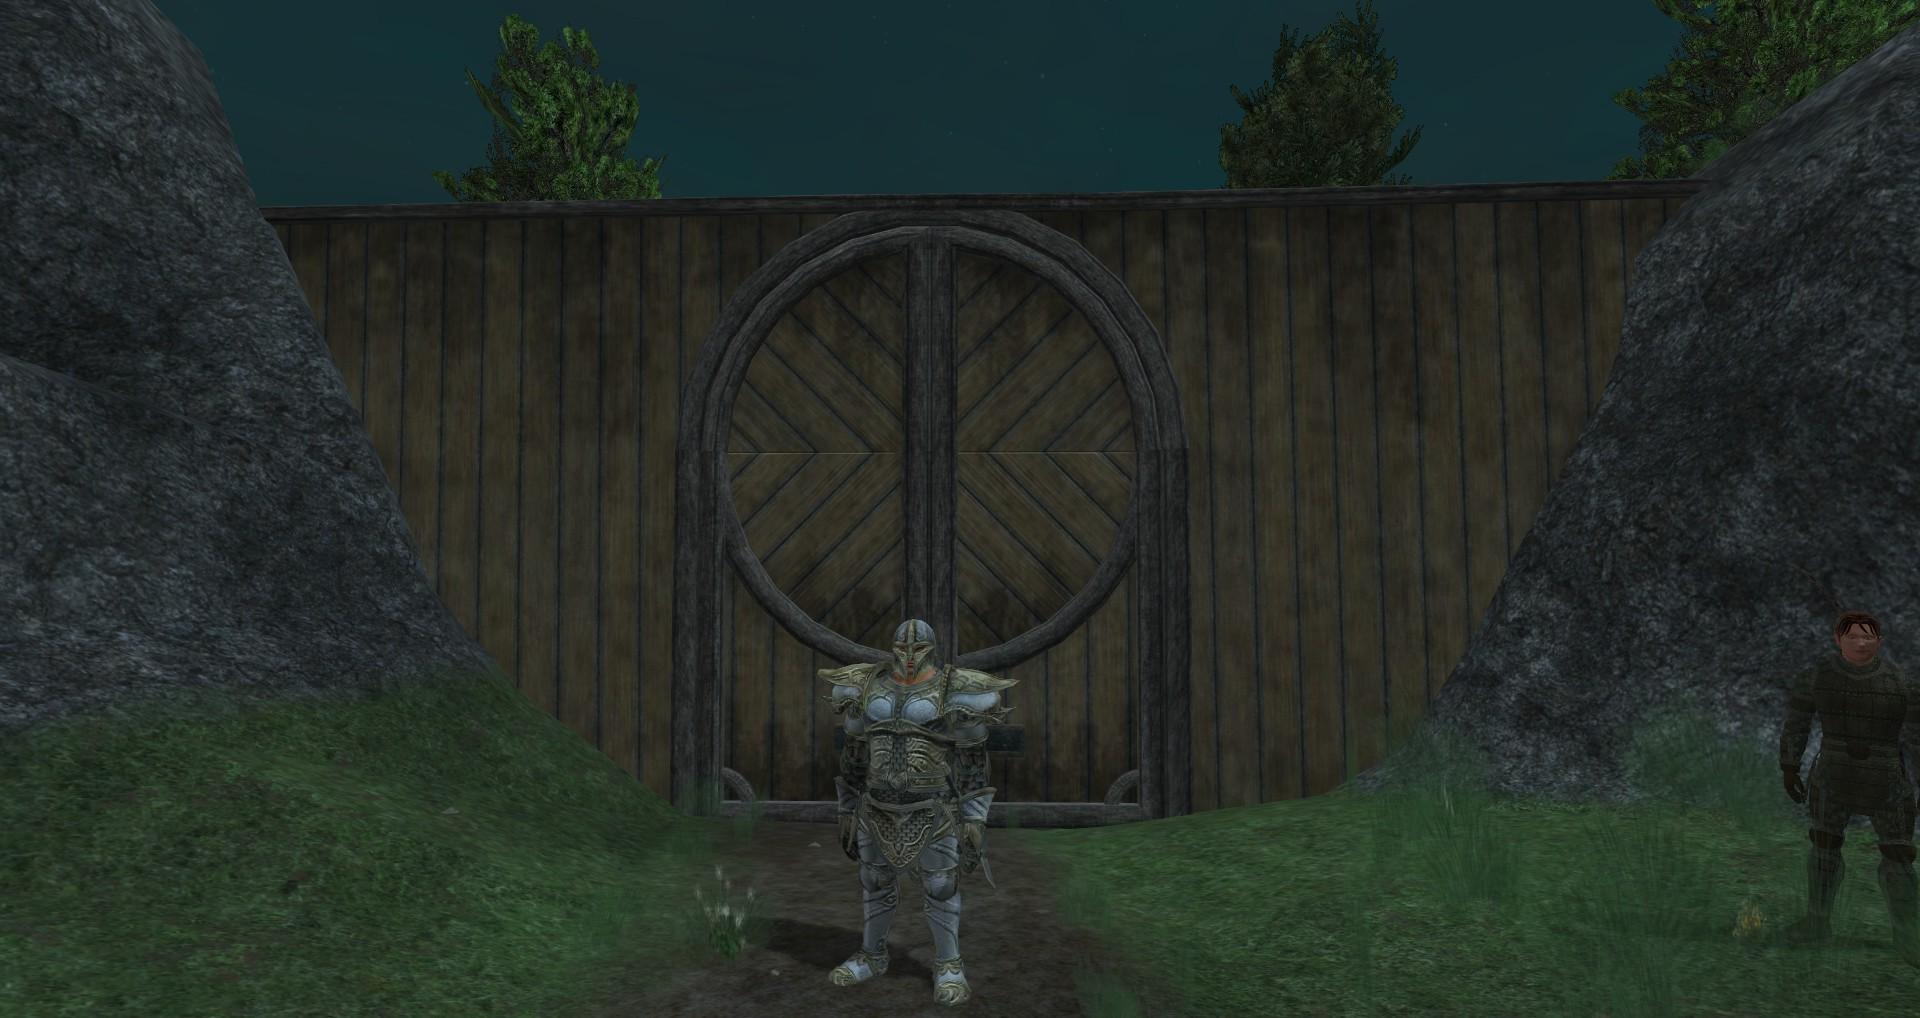 The door to Willow Wood